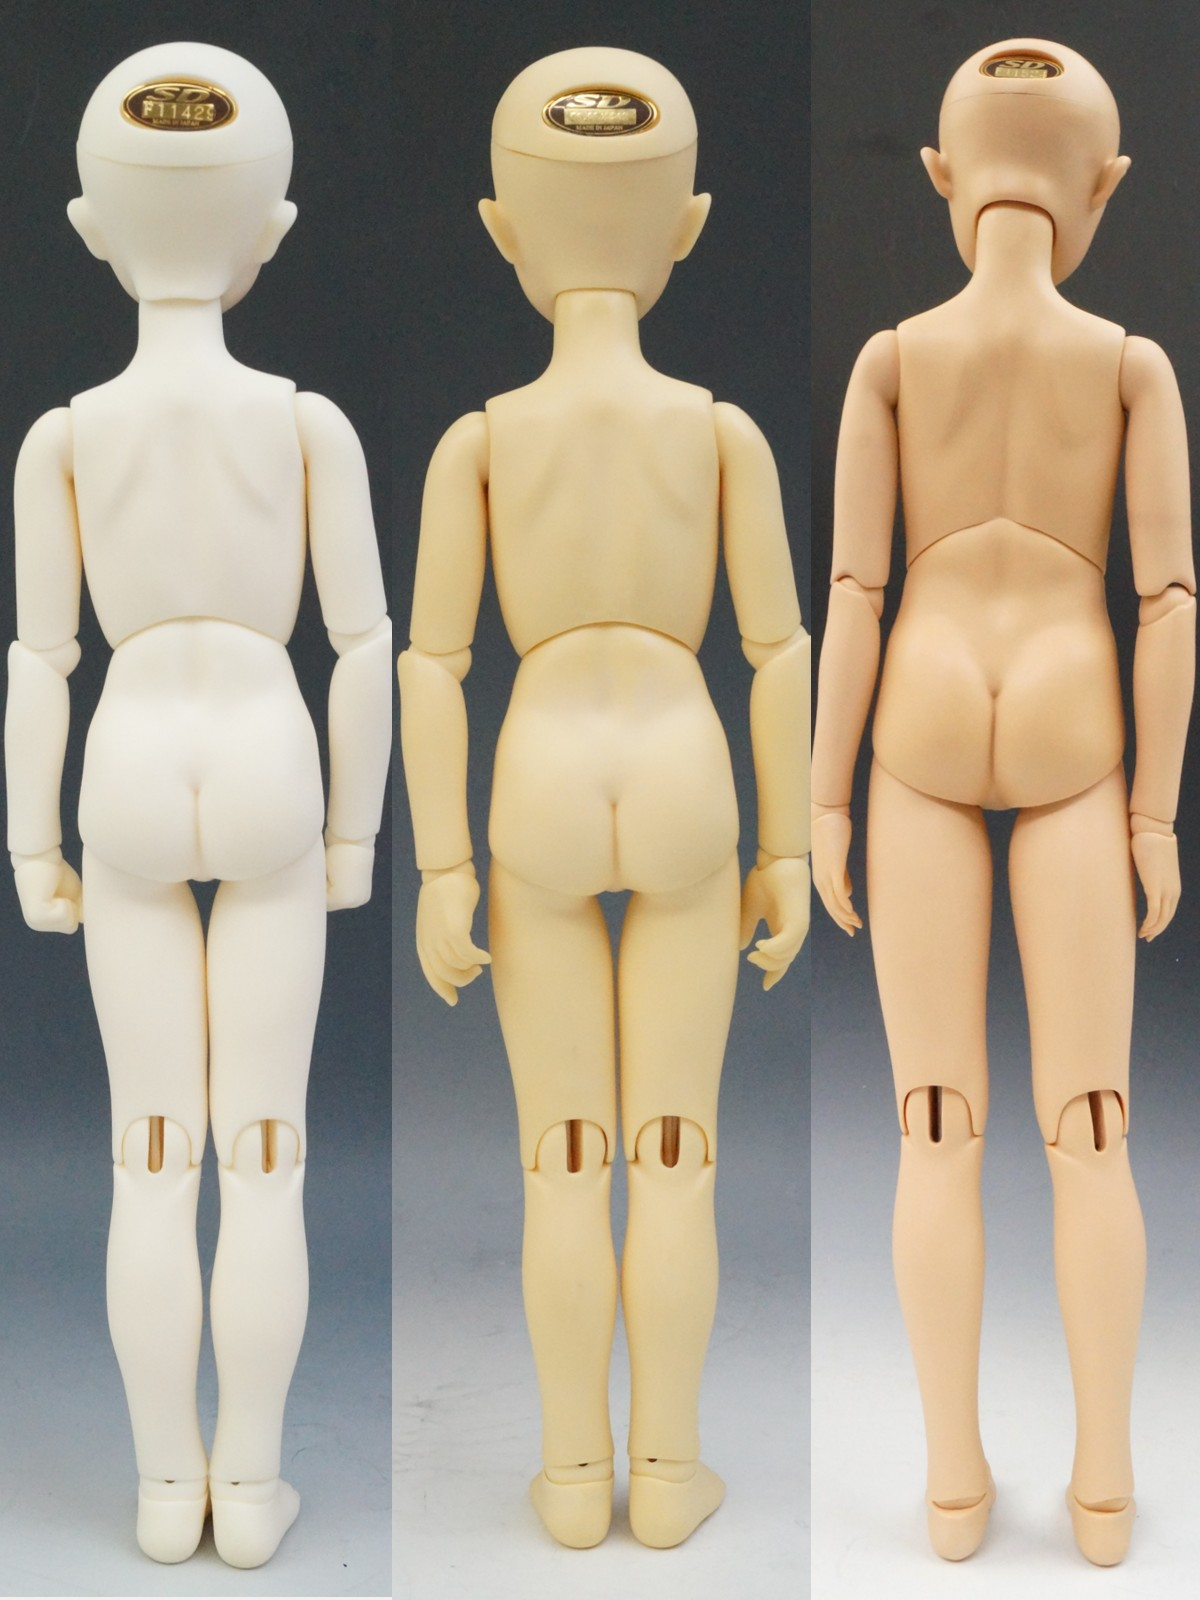 左からホワイト肌、ノーマル肌、サンライト肌